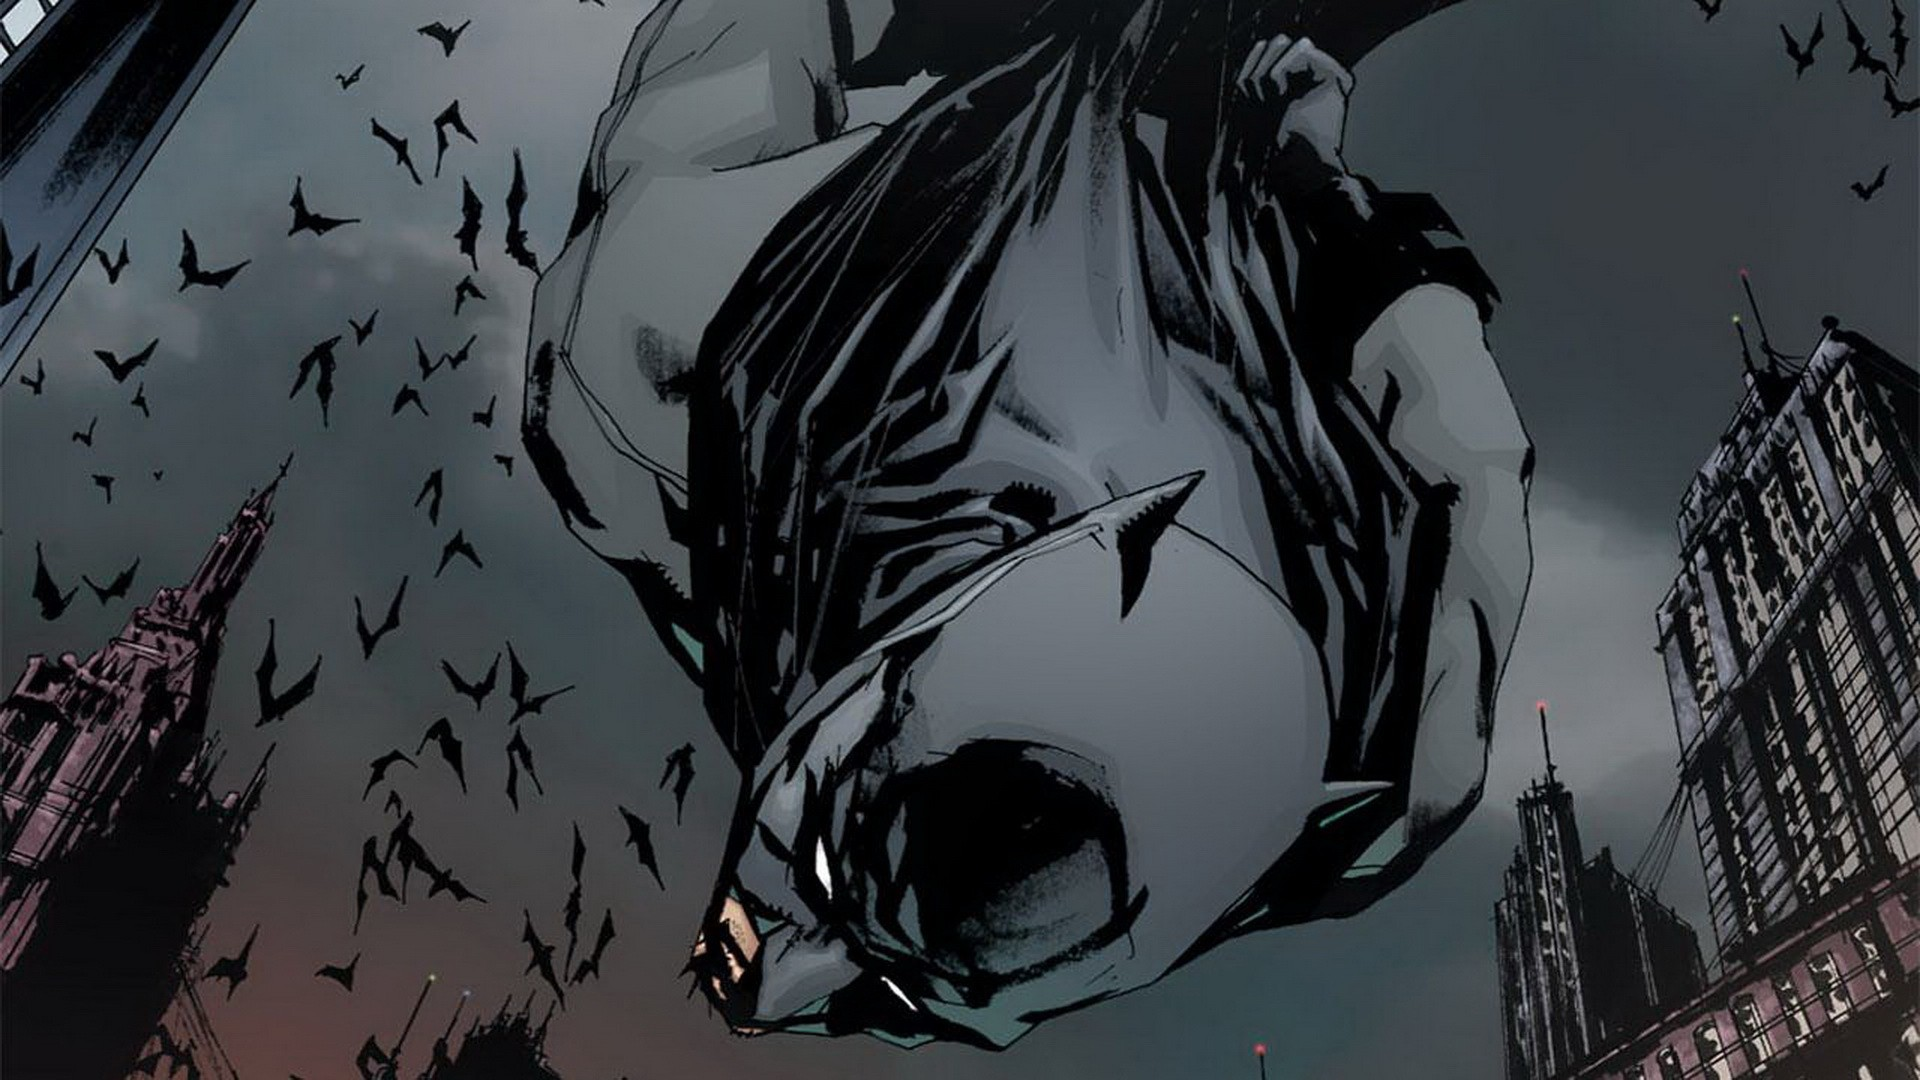 Batman Dc Universe Hd Wallpaper Dc Comics Batman Wallpaper